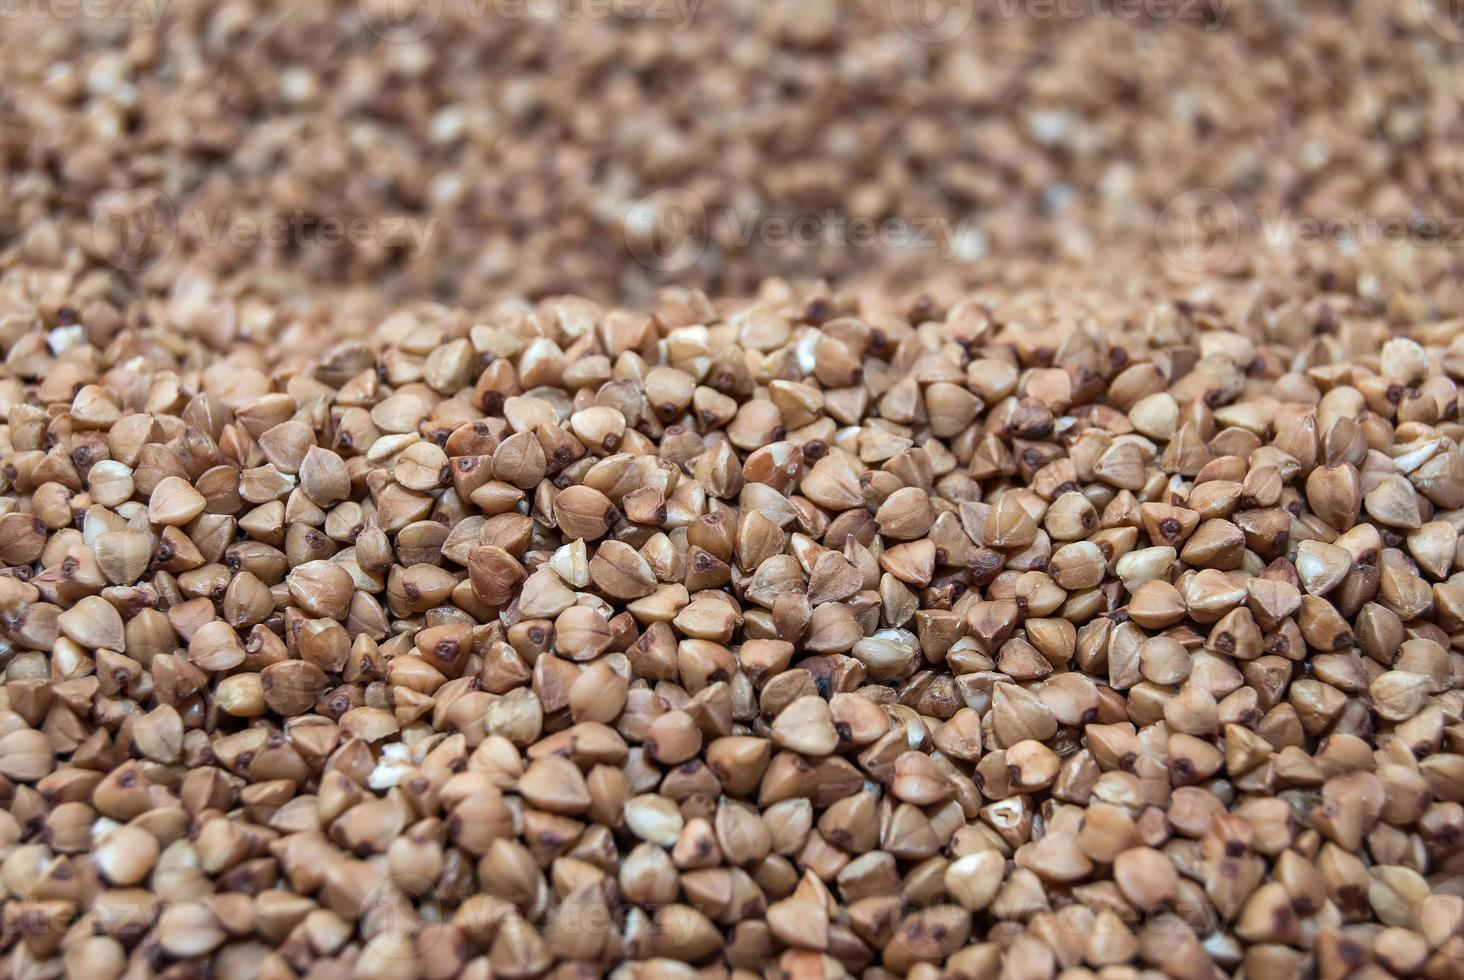 consistenza cruda di grano saraceno foto